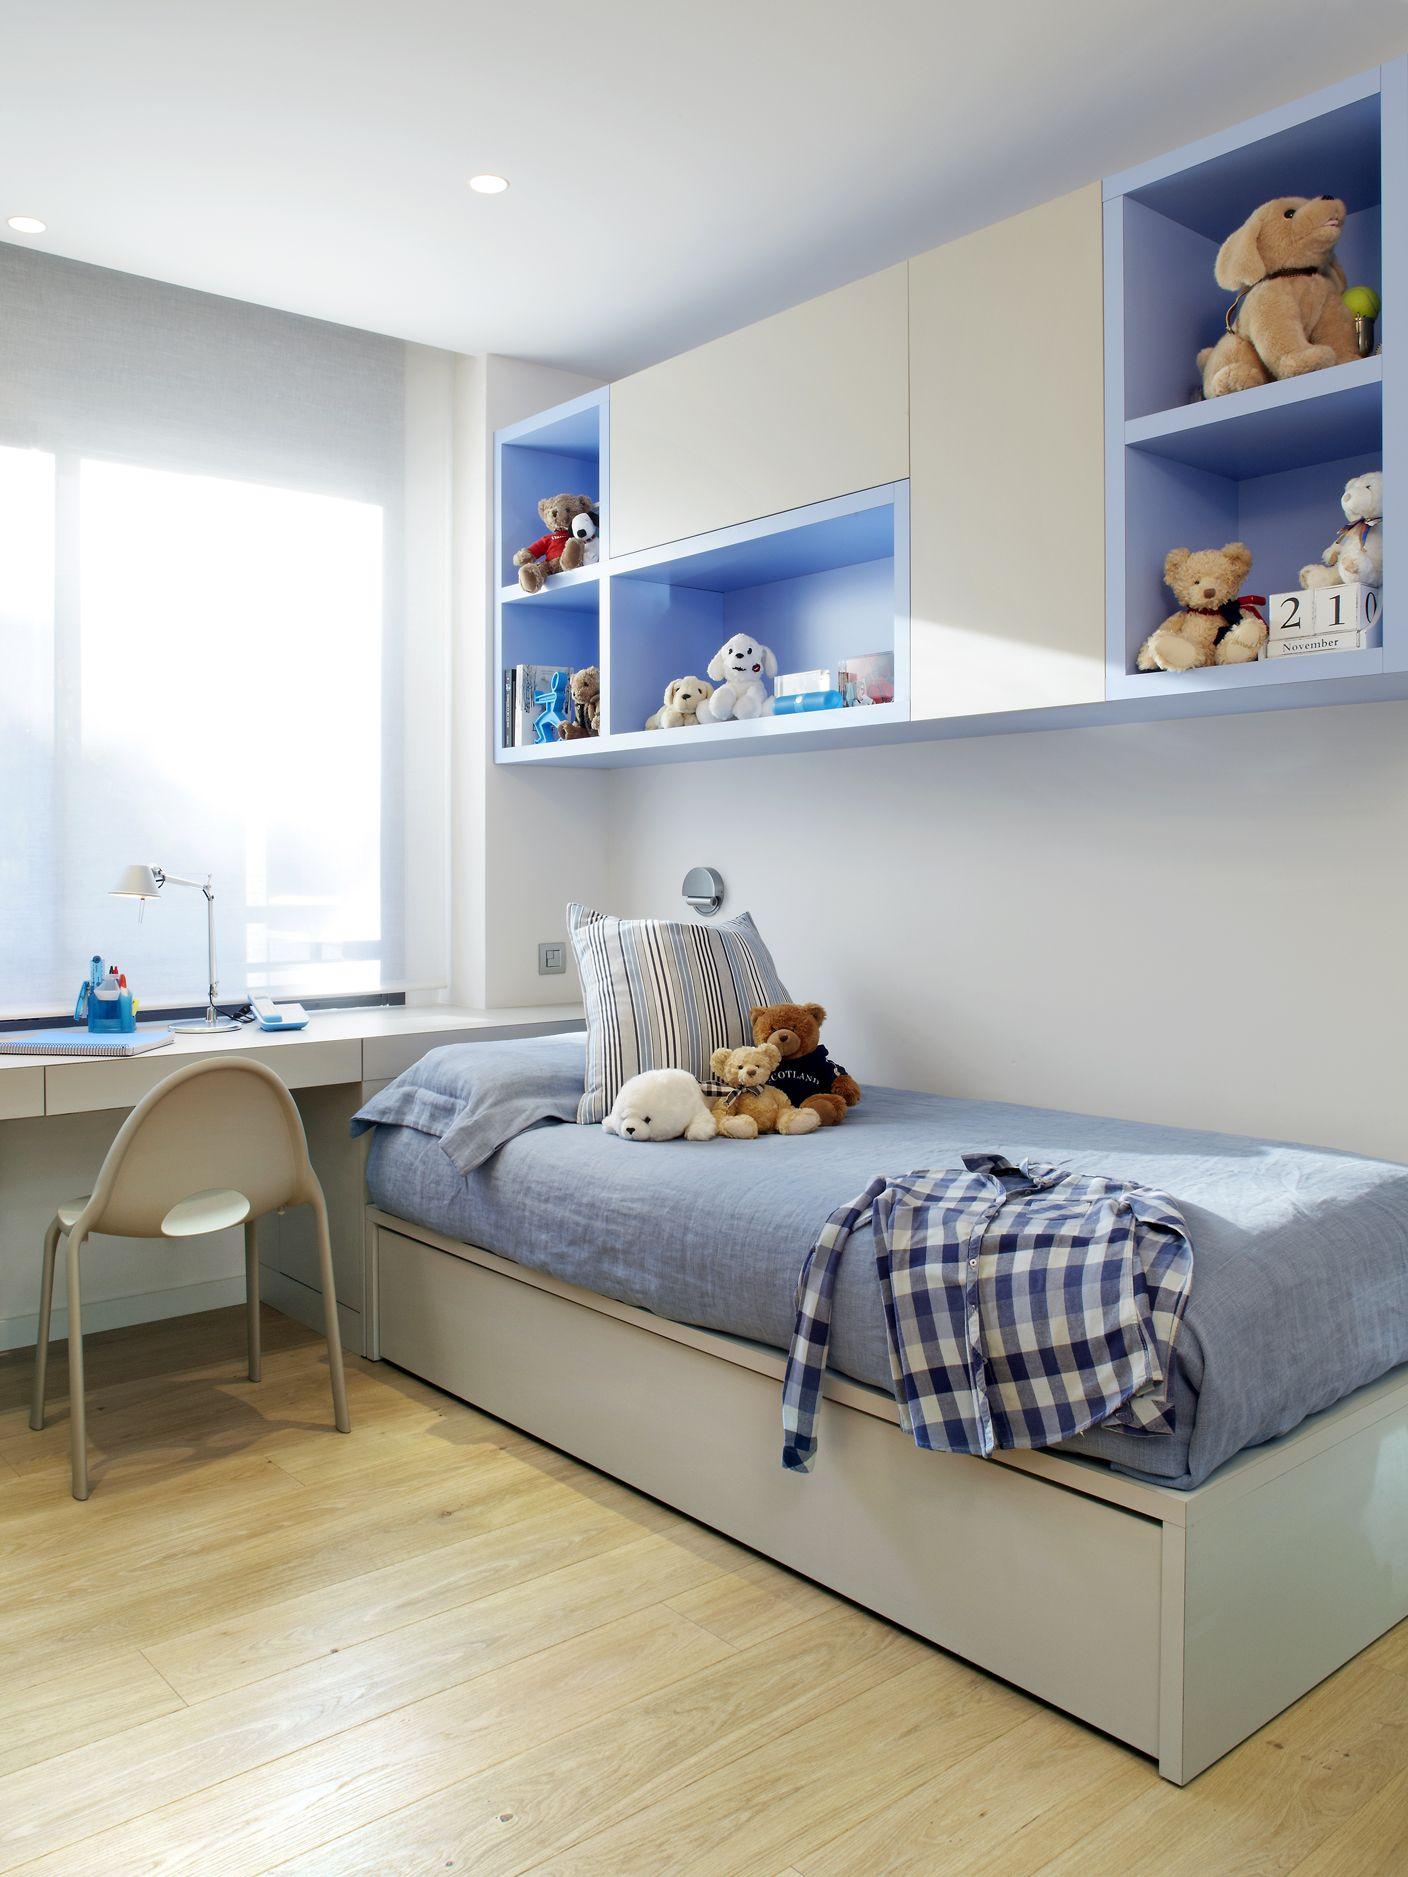 Molins interiors arquitectura interior interiorismo - Habitacion juvenil nina ...